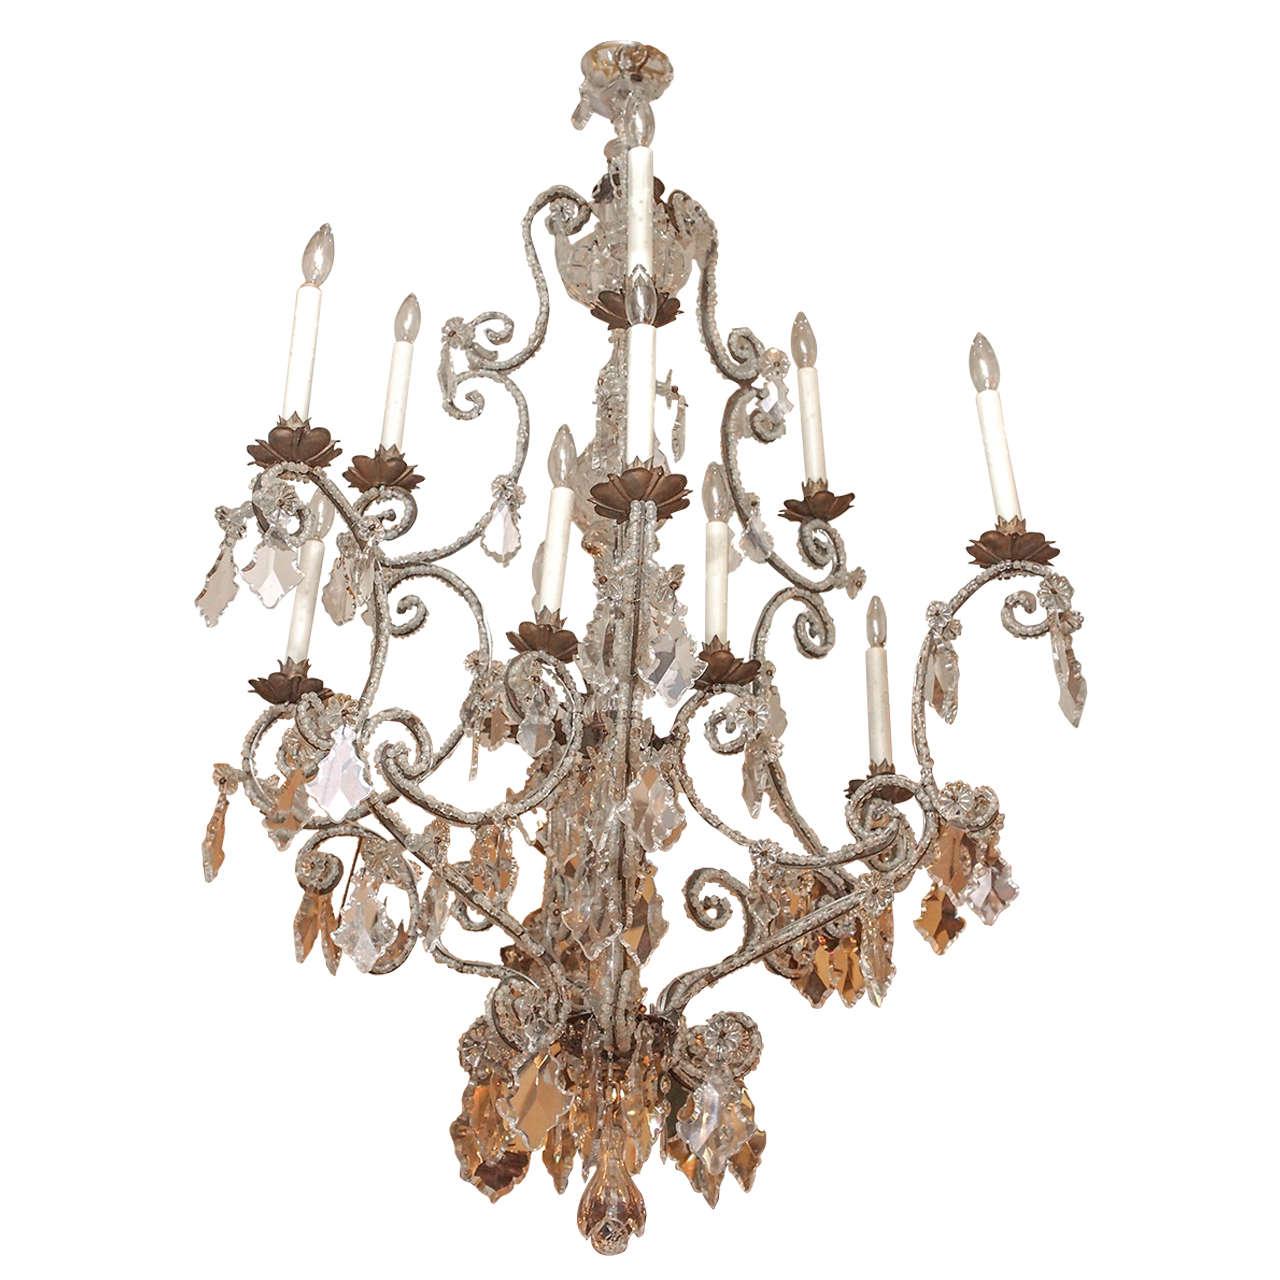 Venetian 18th Century Beaded Iron Twelve-Light Chandelier